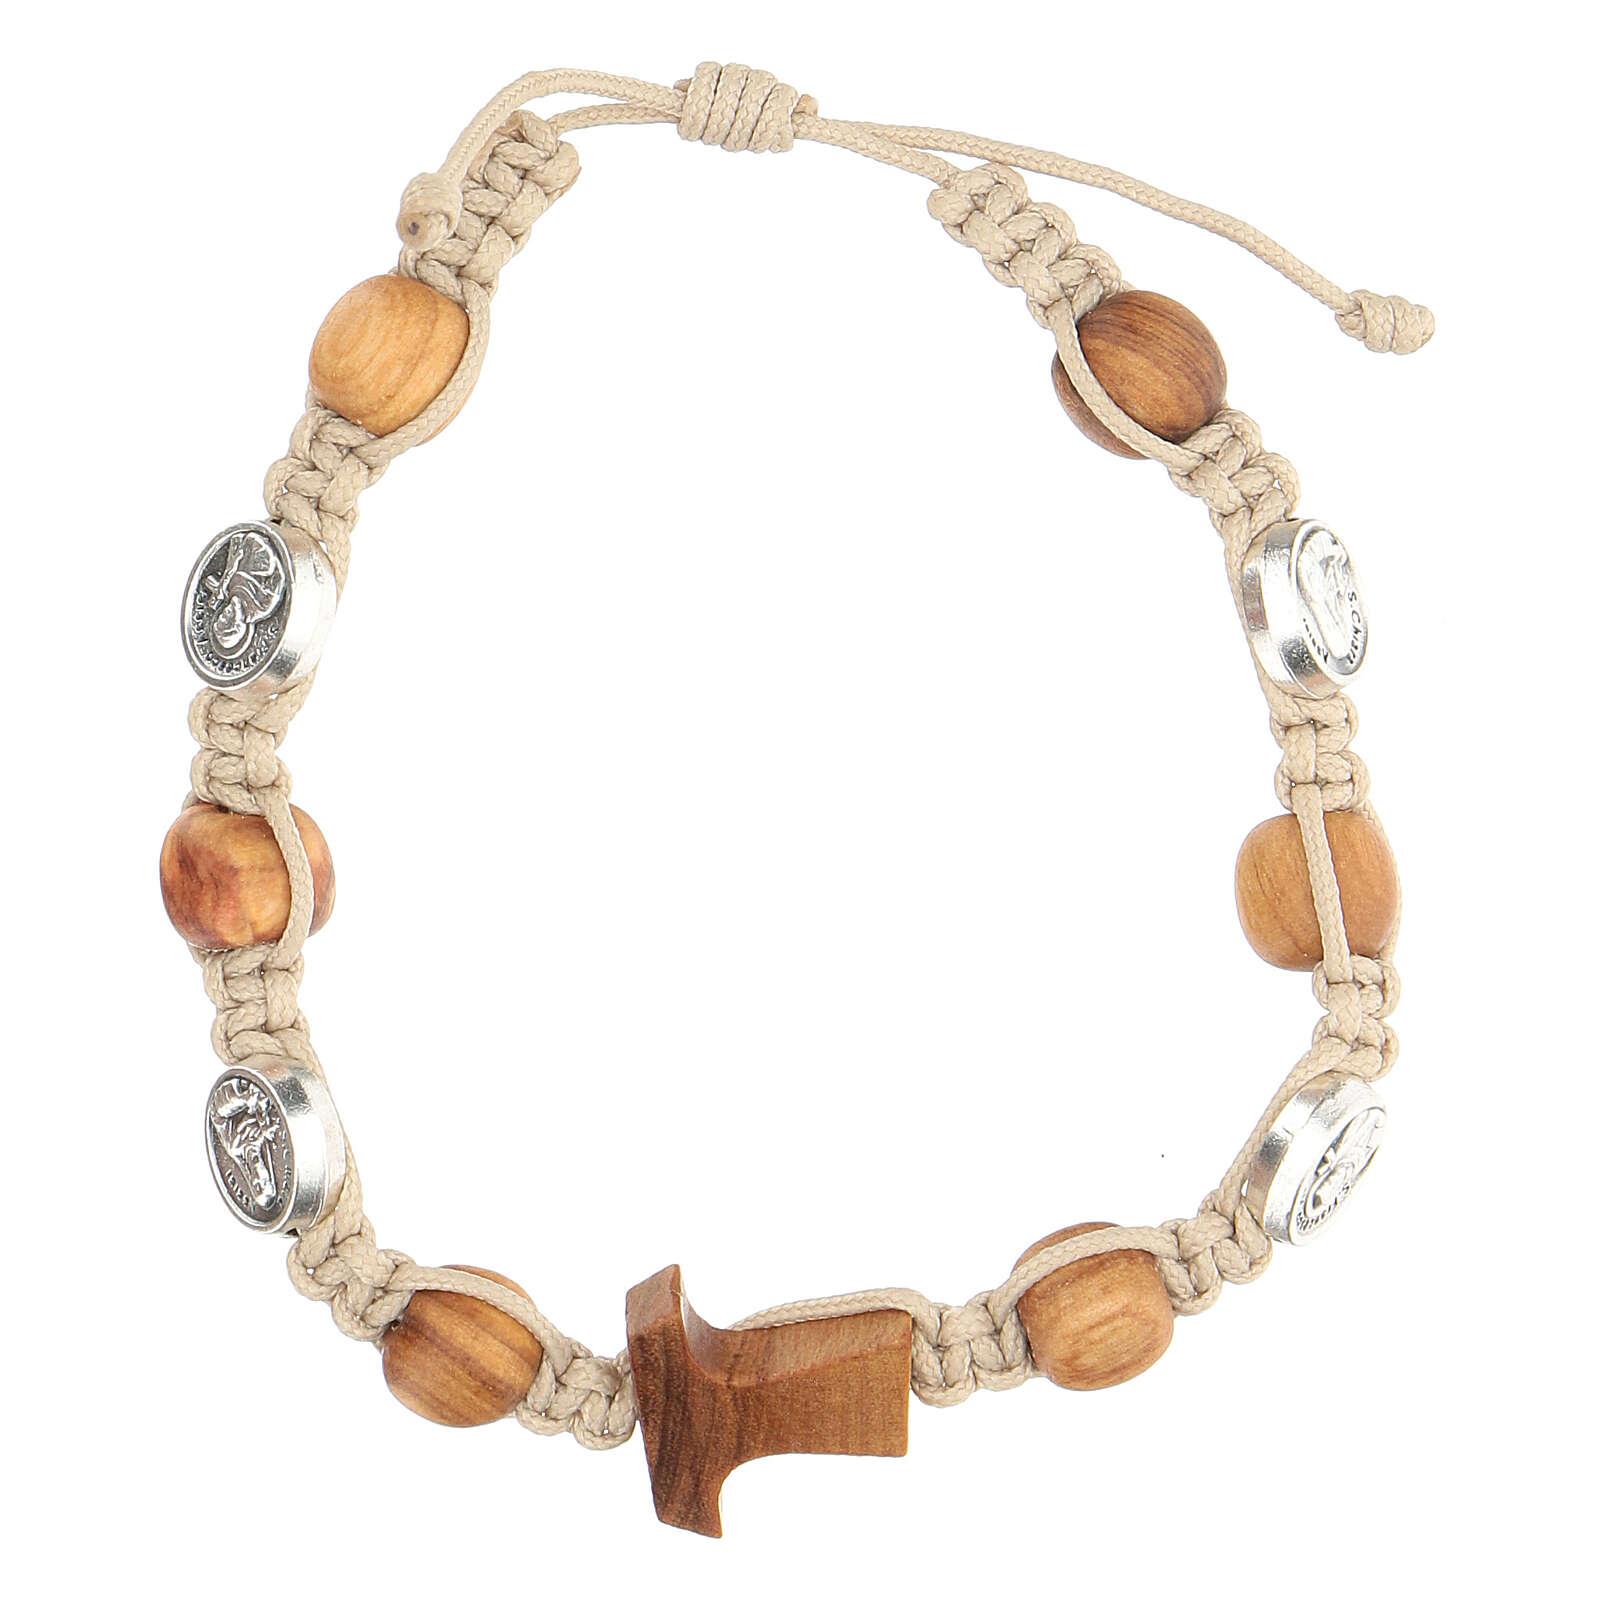 Bracelet Saint François grains ronds Medjugorje corde beige 4